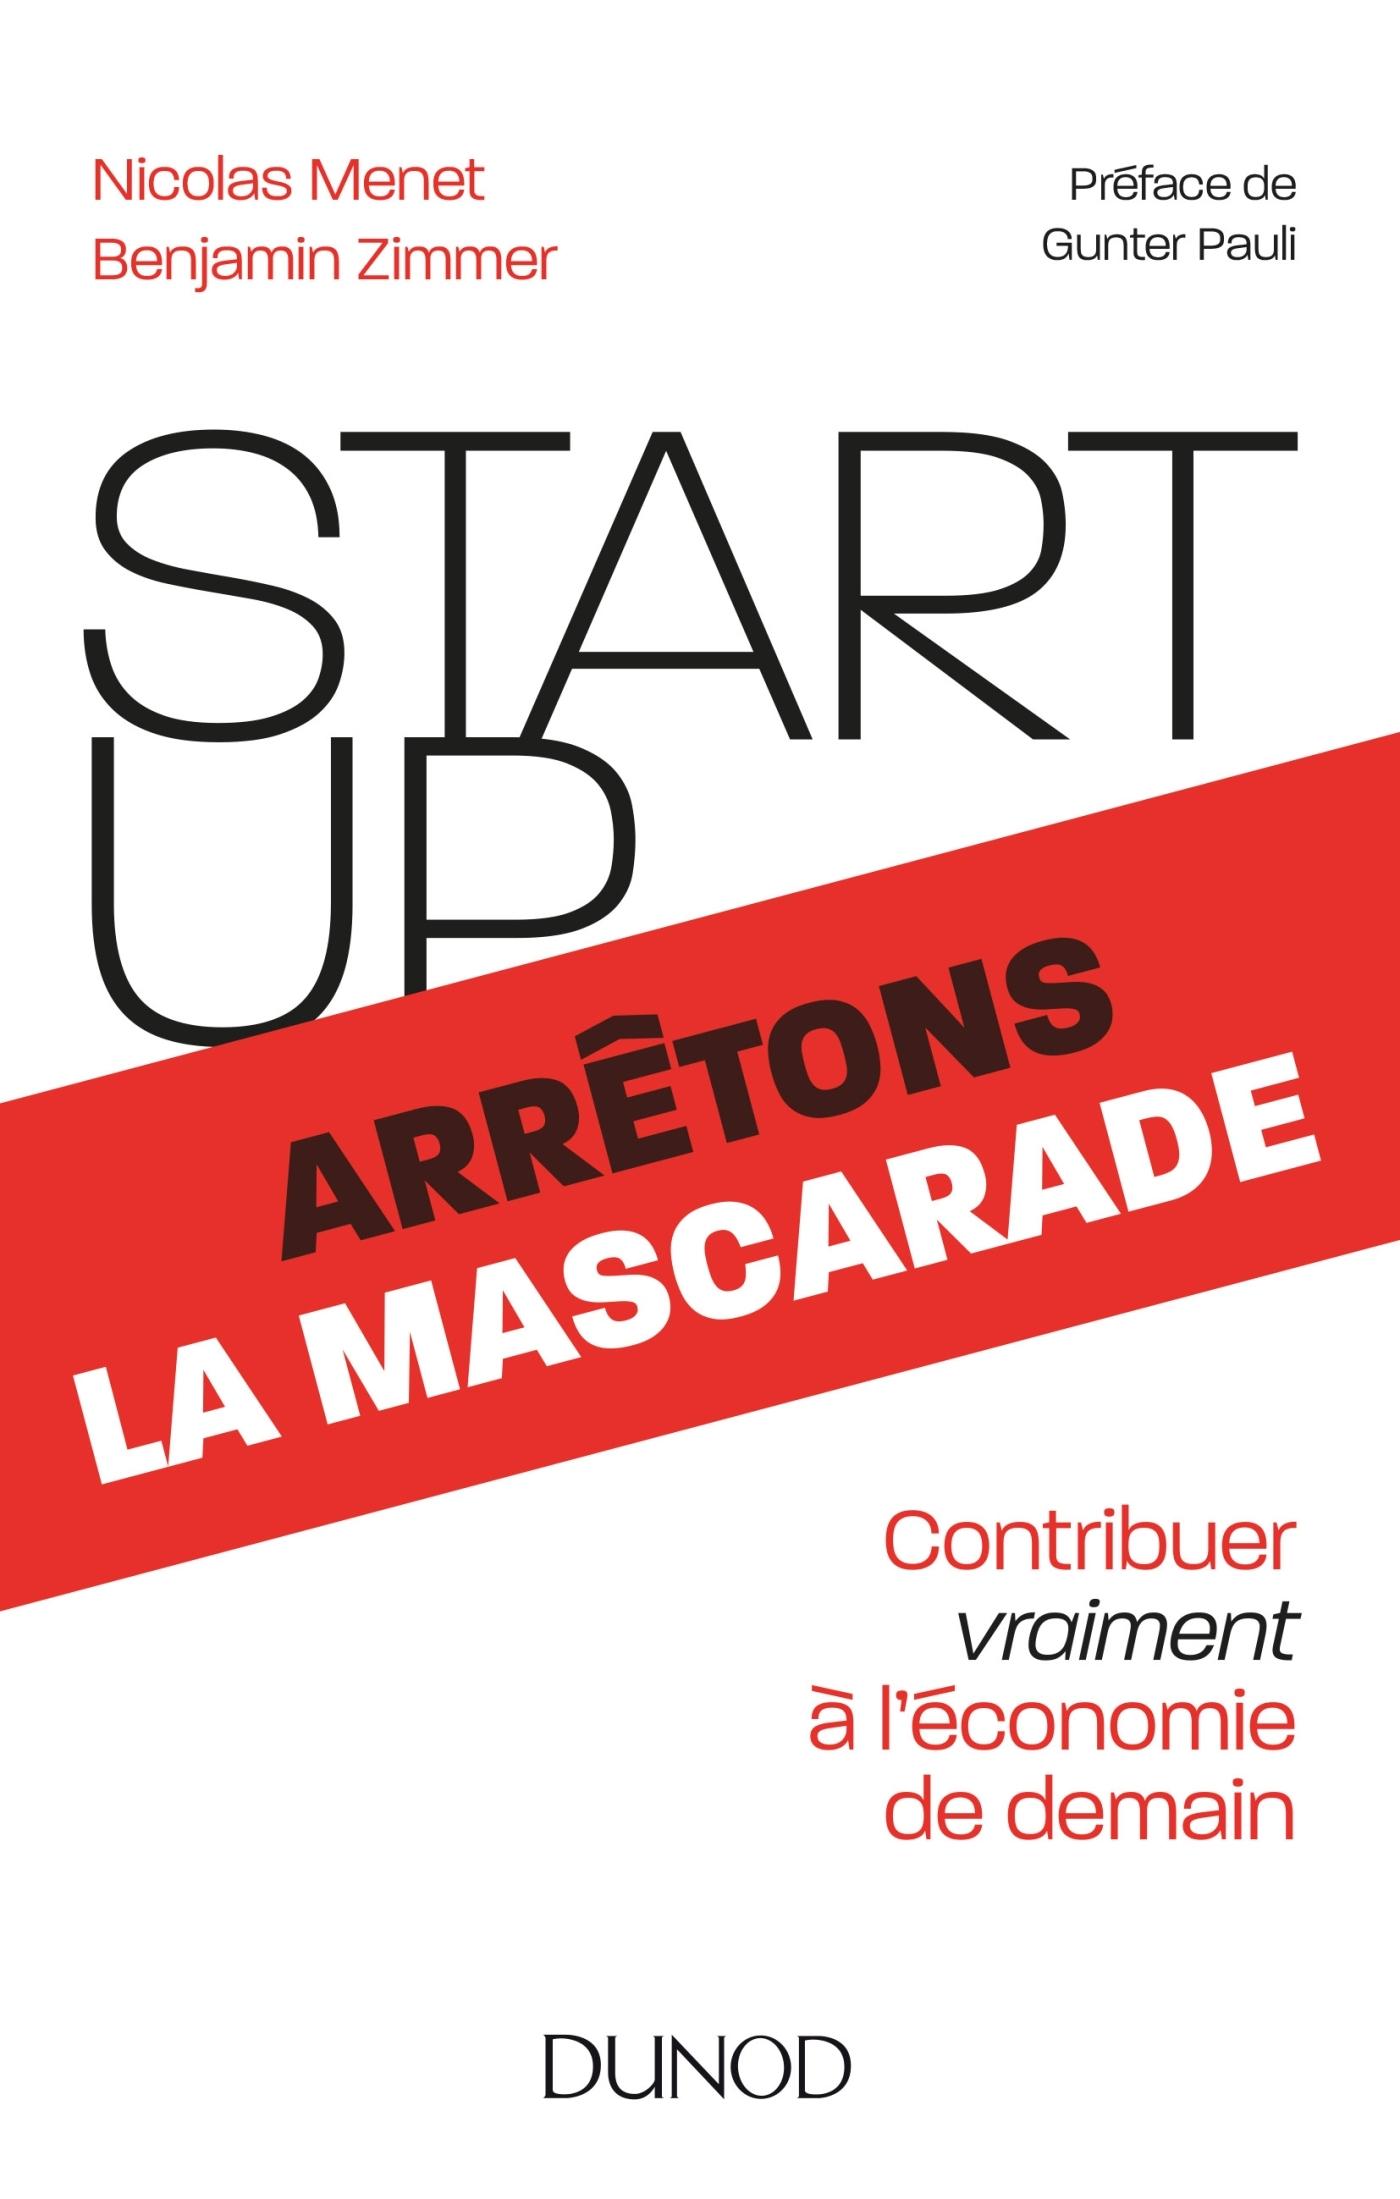 START-UP, ARRETONS LA MASCARADE - CONTRIBUER VRAIMENT A L'ECONOMIE DE DEMAIN